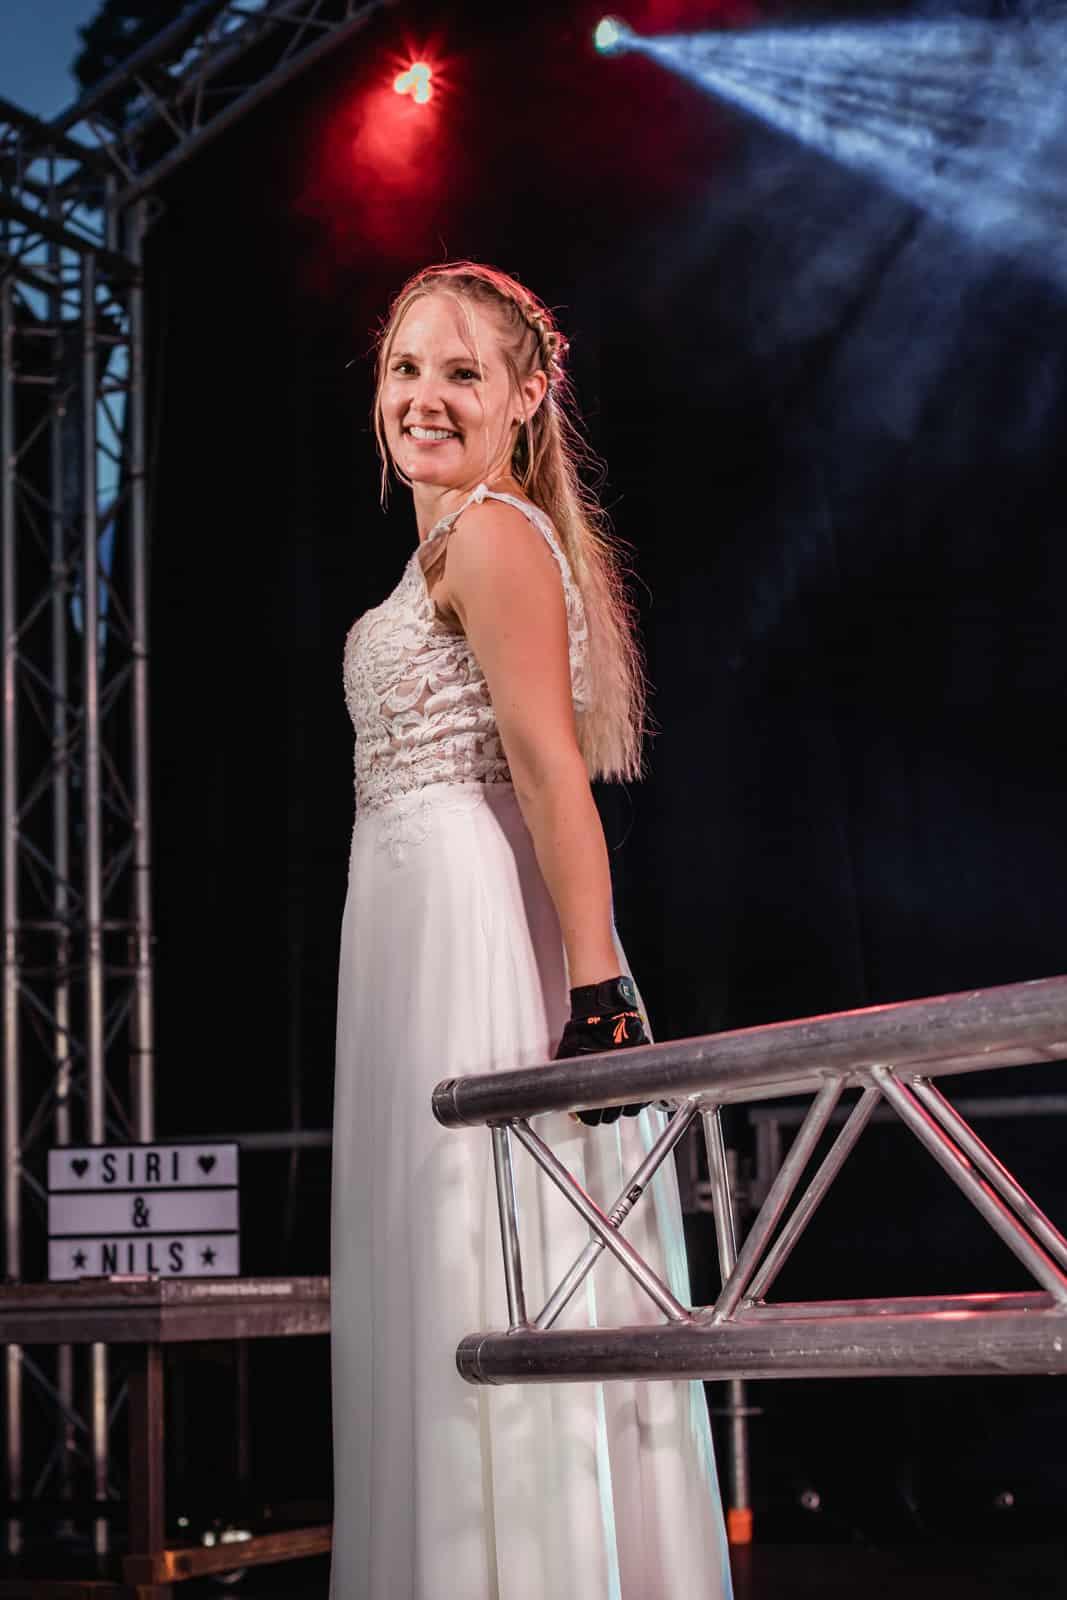 Braut steht auf Bühne bei Nacht und hält Traverse in Hand und schaut in die Kamera.